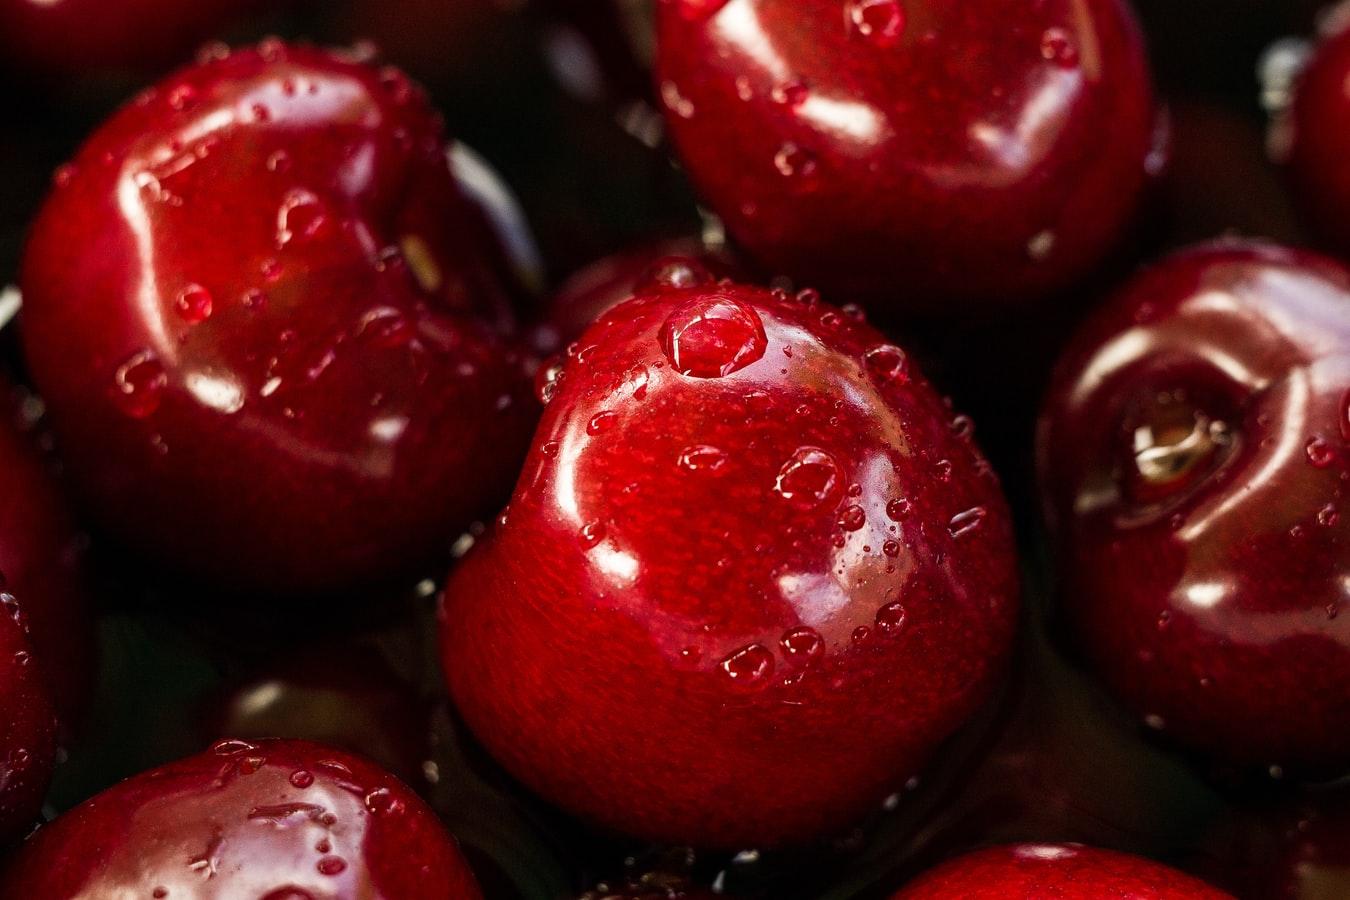 Voćni šećer - fruktoza podstiče razvoj karcinoma